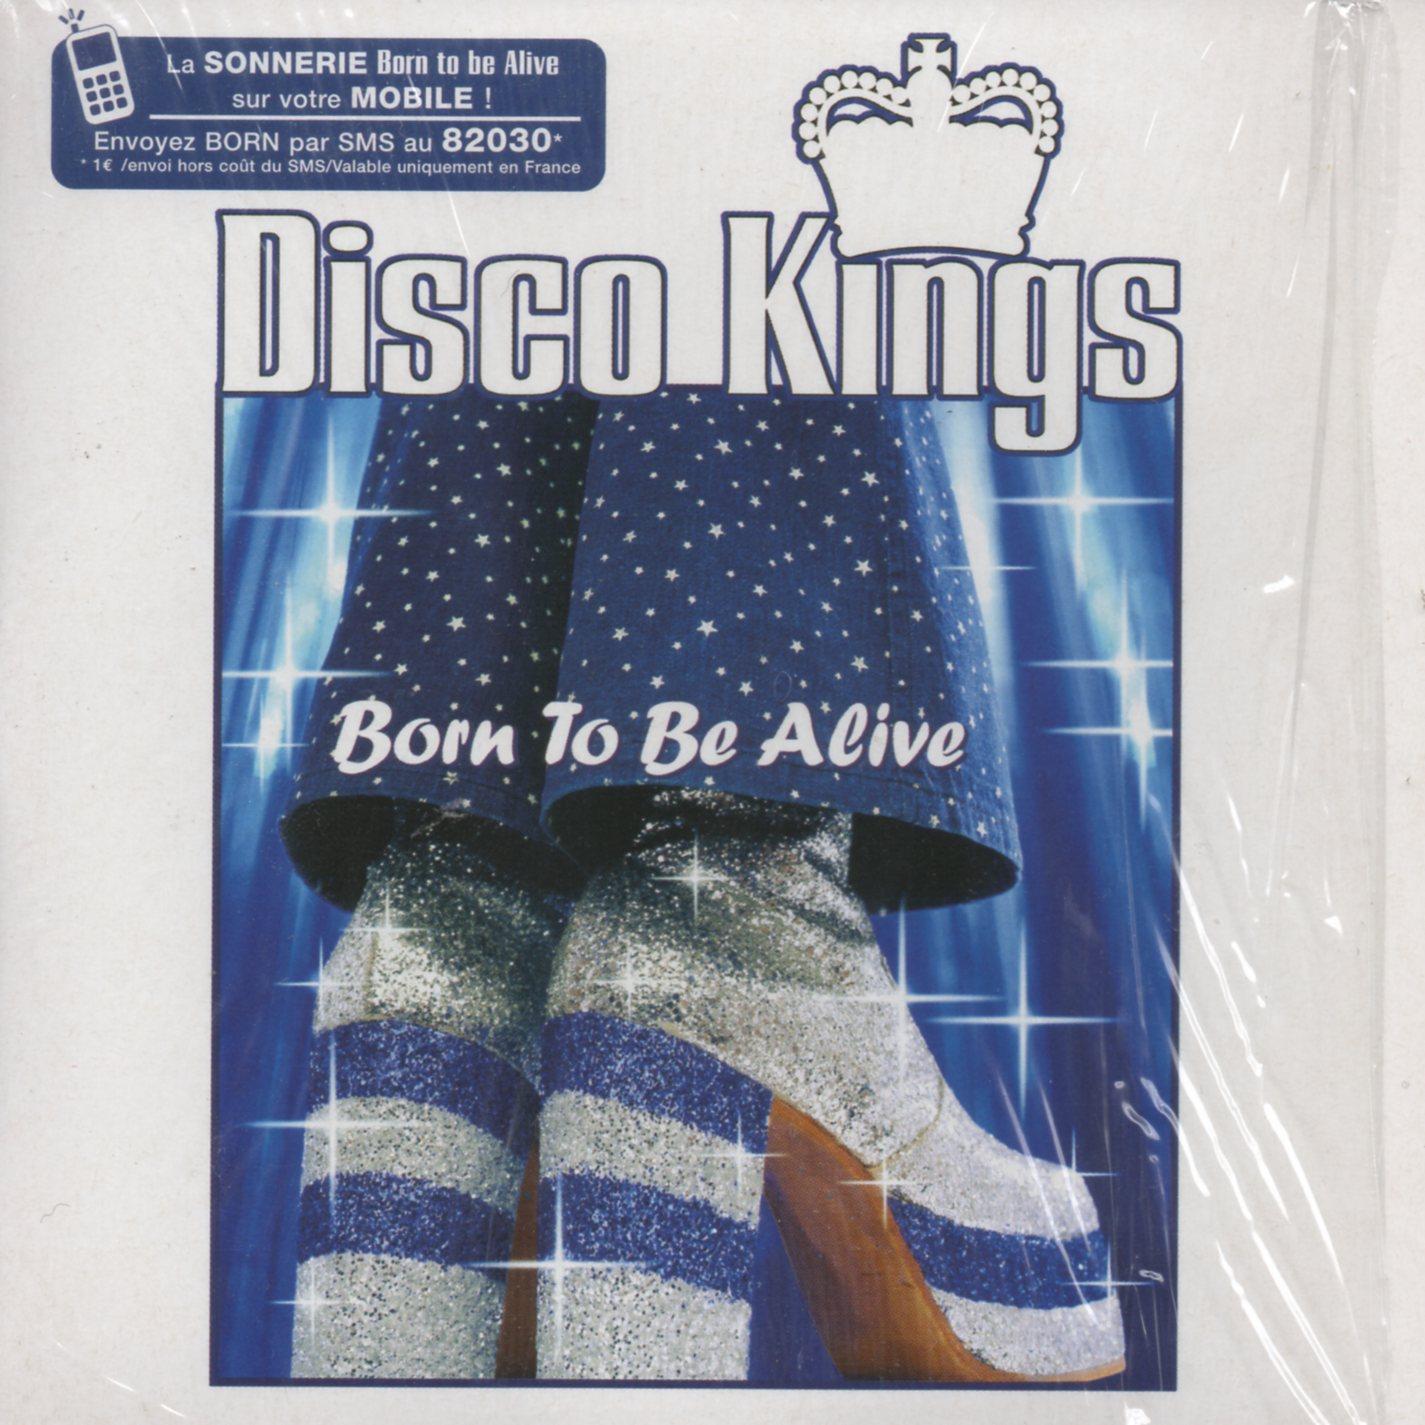 DISCO KINGS - PATRICK HERNANDEZ - Born to be alive 4-track CARD SLEEVE - CD single